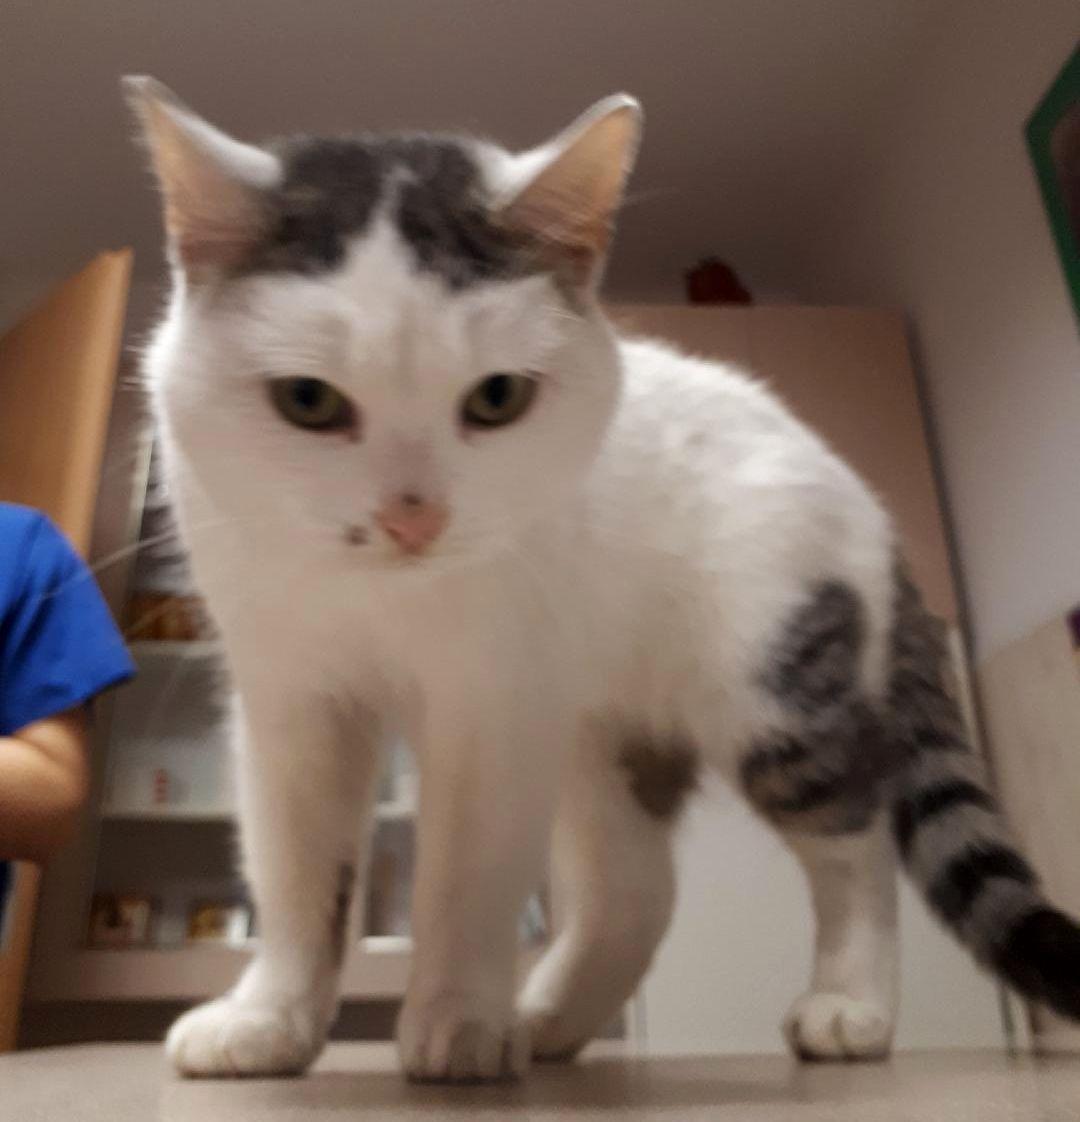 Oglądasz obrazki z tematu: Biało szara koteczka błąkała się k. Auchan na Produkcyjnej